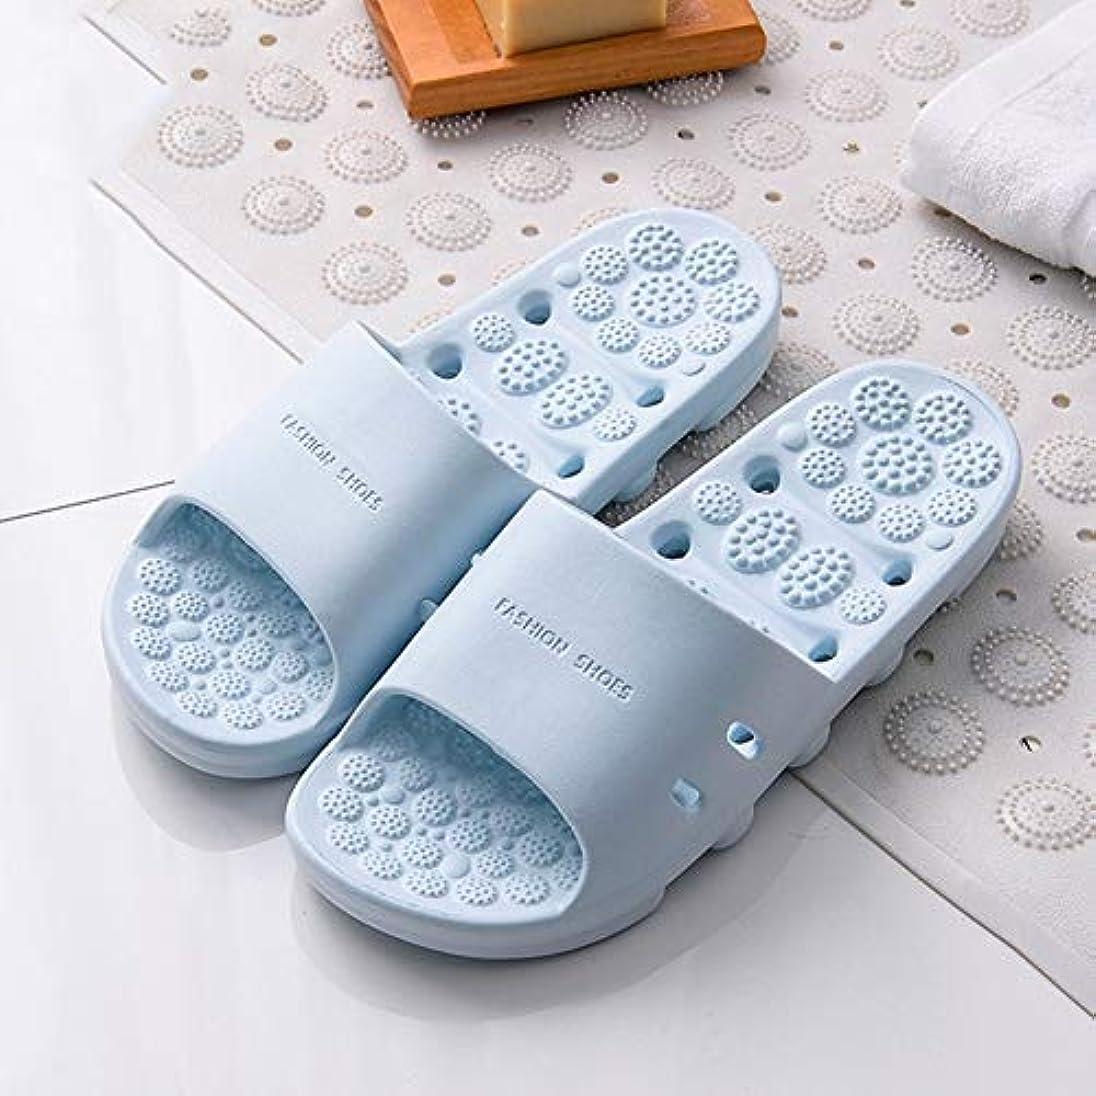 悪い原点戸惑うマッサージスリッパ厚い底中空速乾性滑り止め足の筋膜炎の足のツボマッサージ健康マッサージの靴夏のバスルームのスリッパ